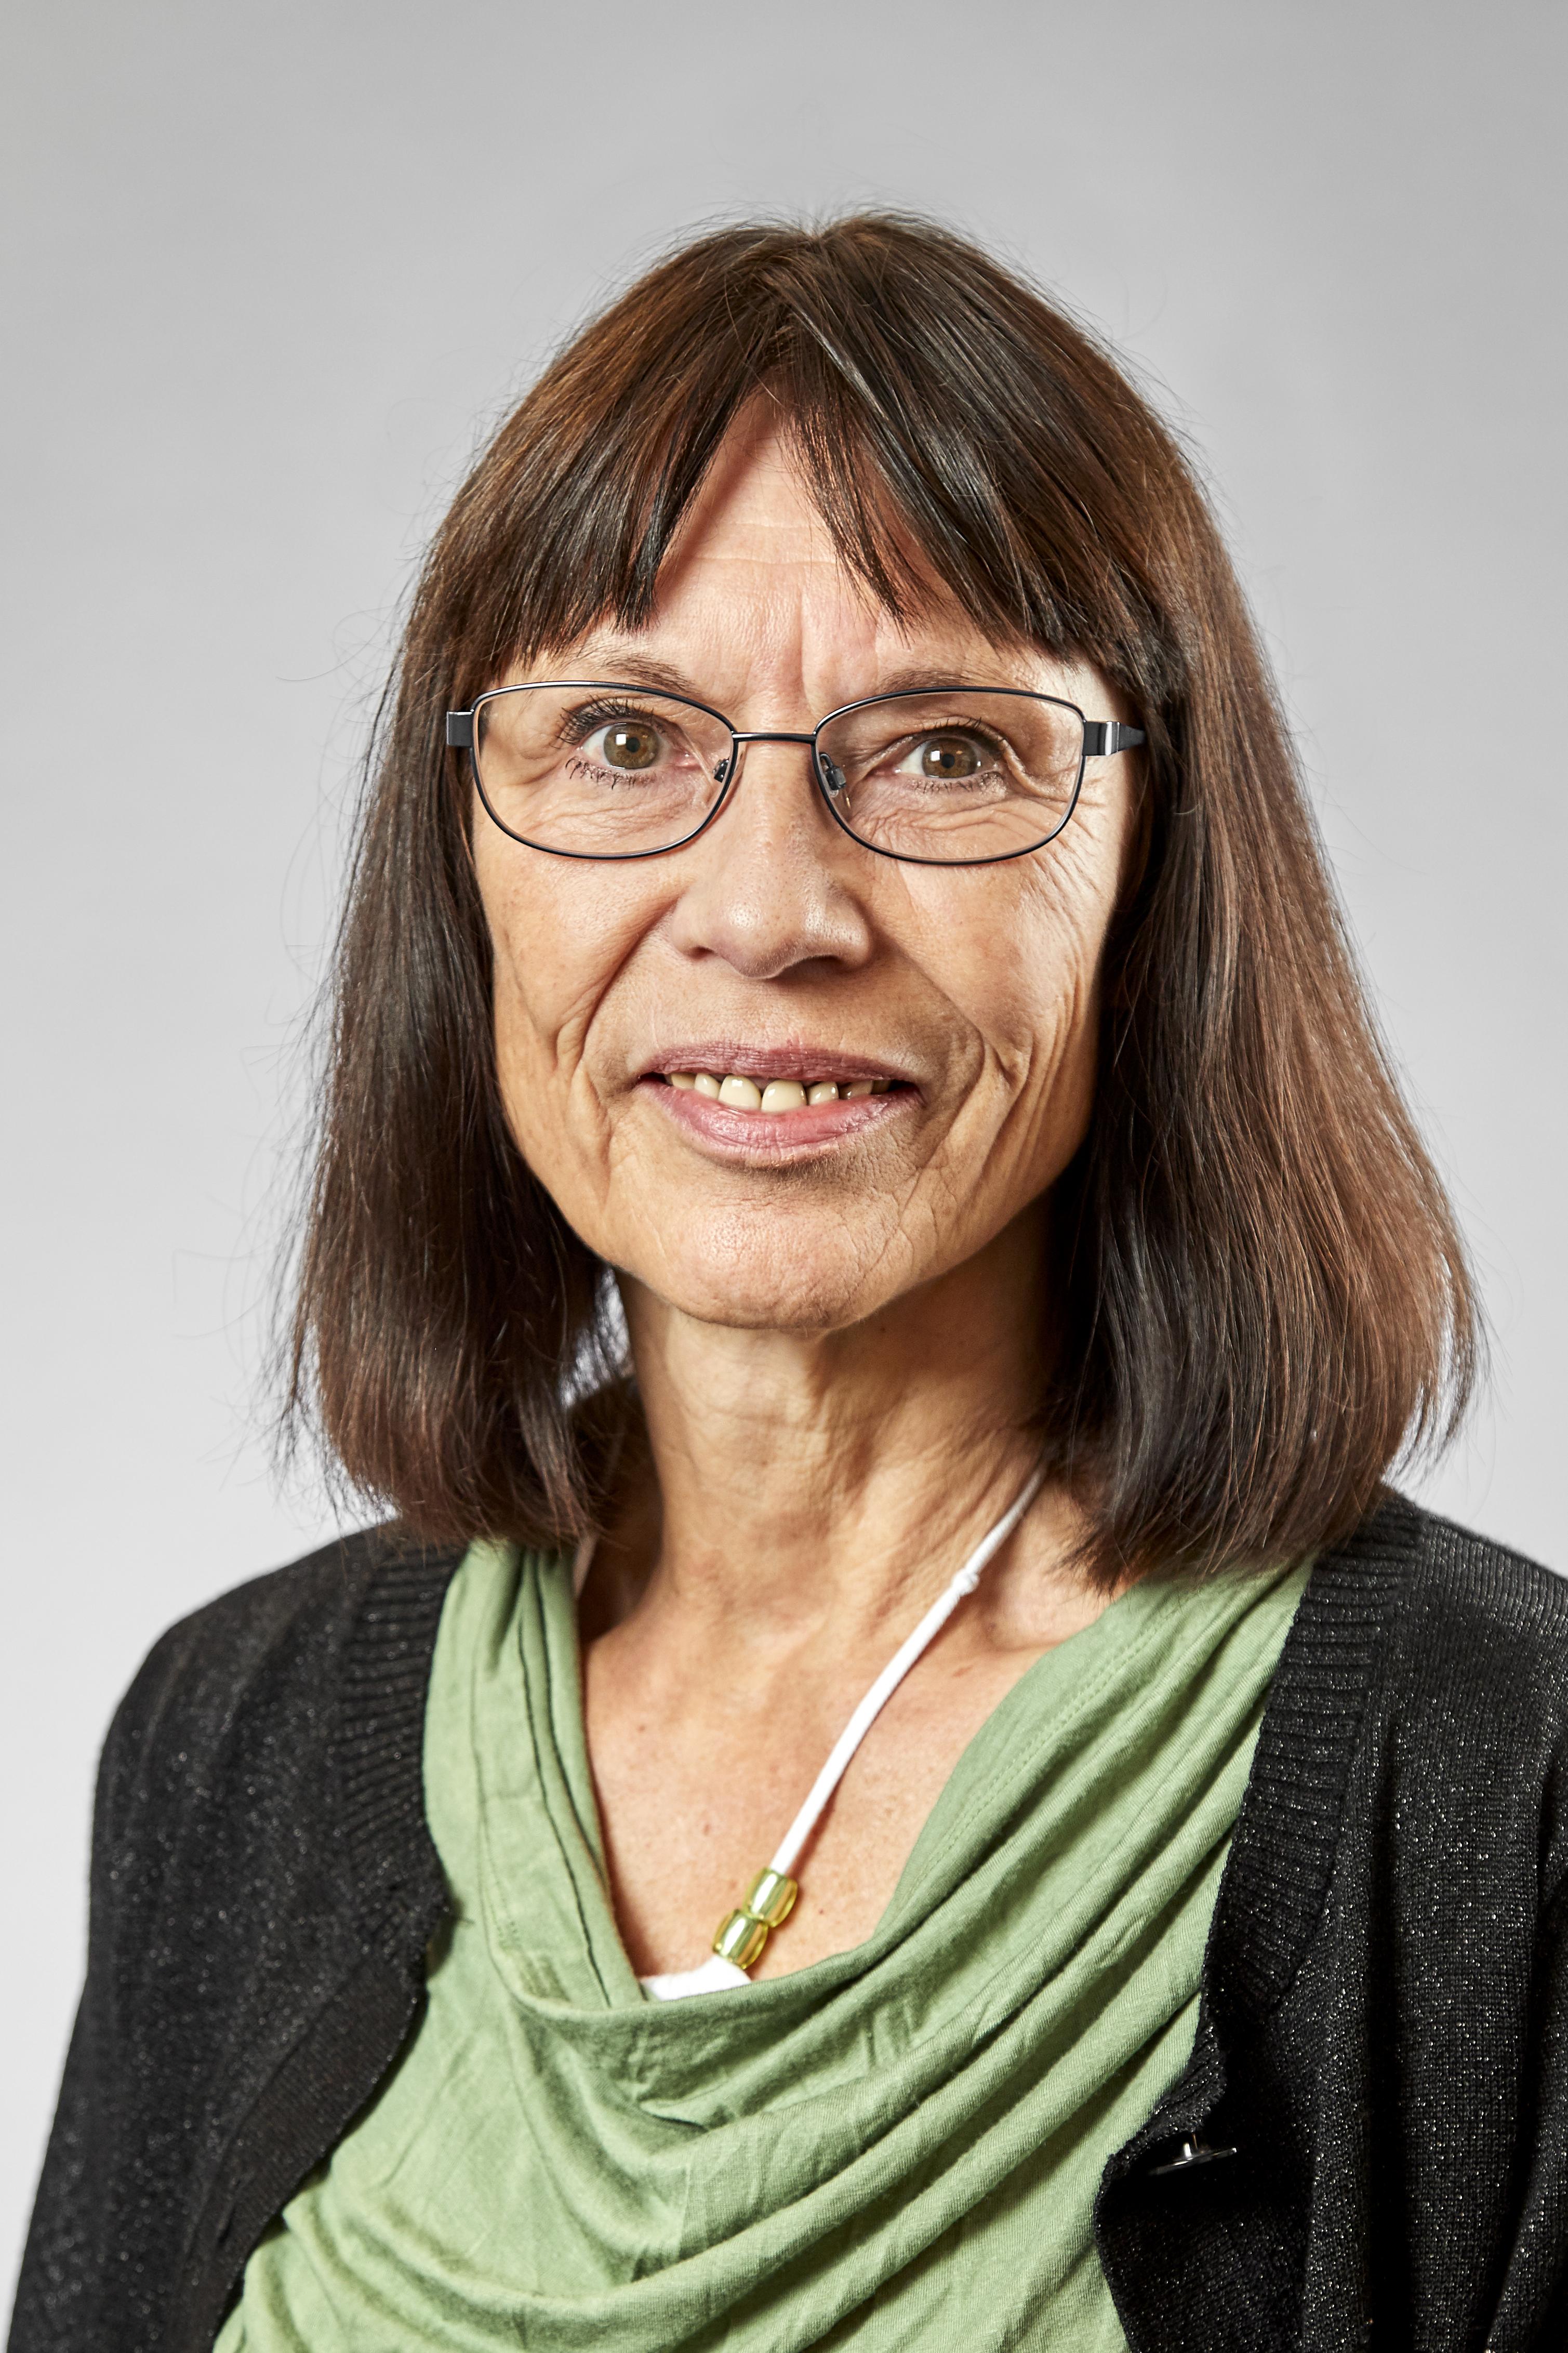 Susanne Birkebæk